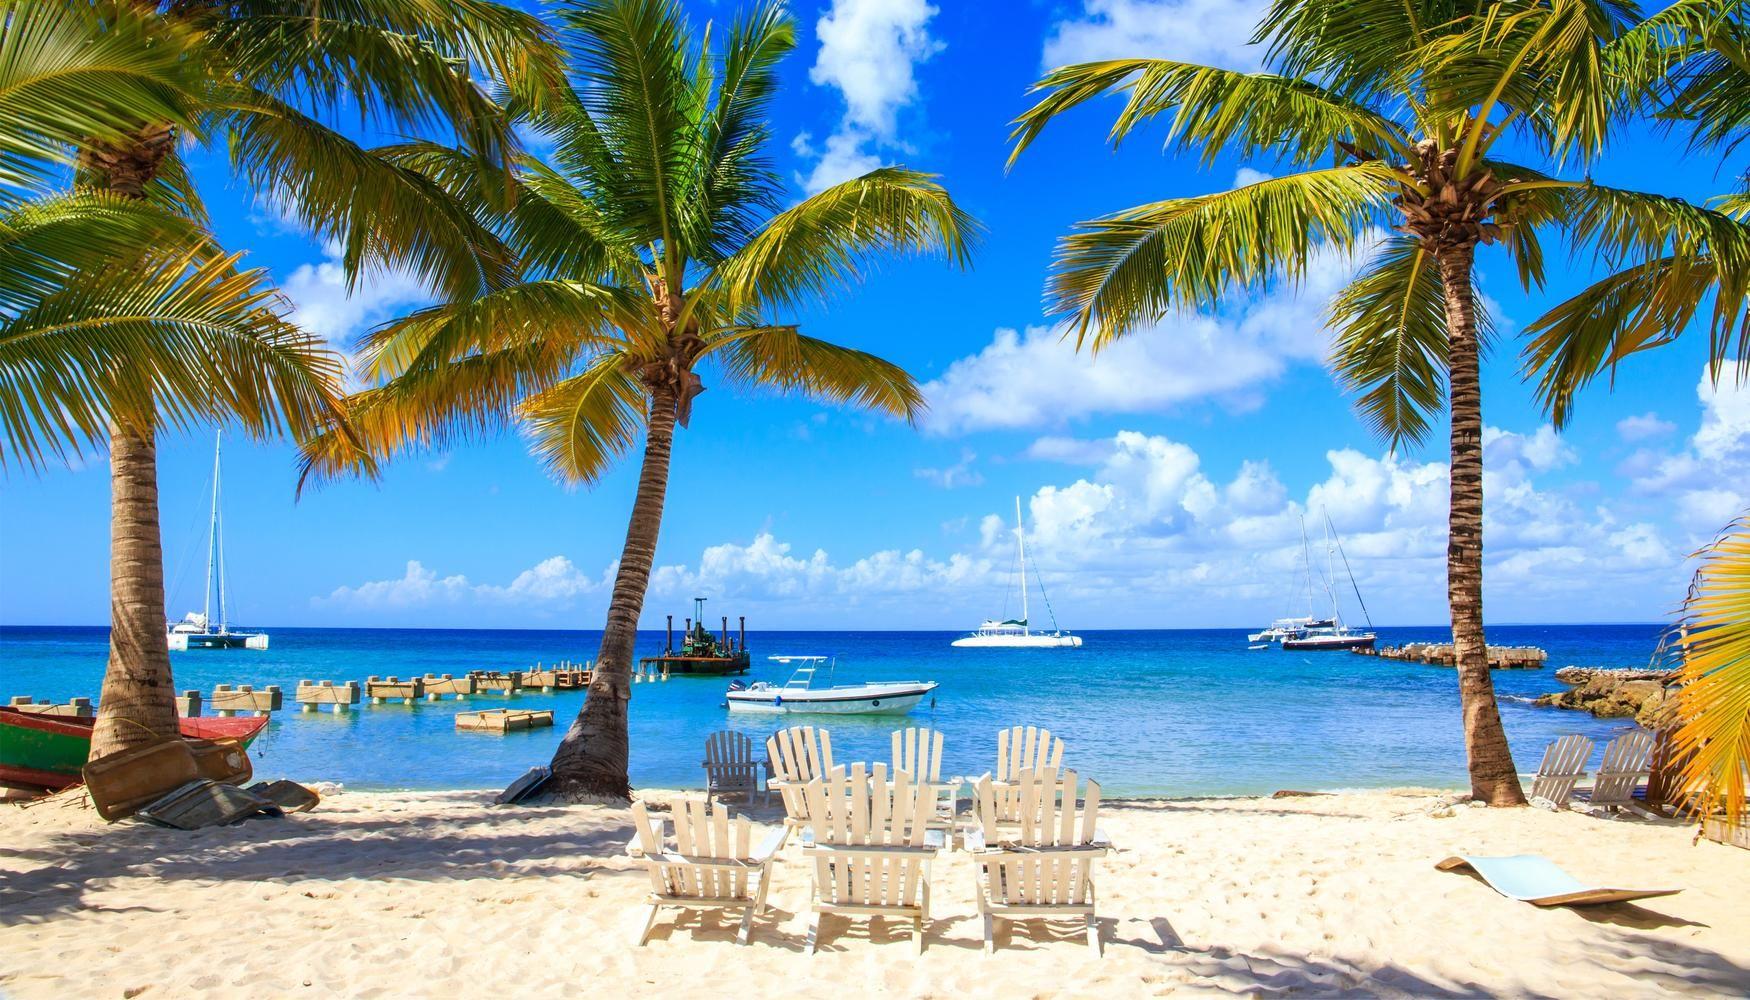 Vuelos Ida y Vuelta a Punta Cana desde 325€ para Febrero del 2022